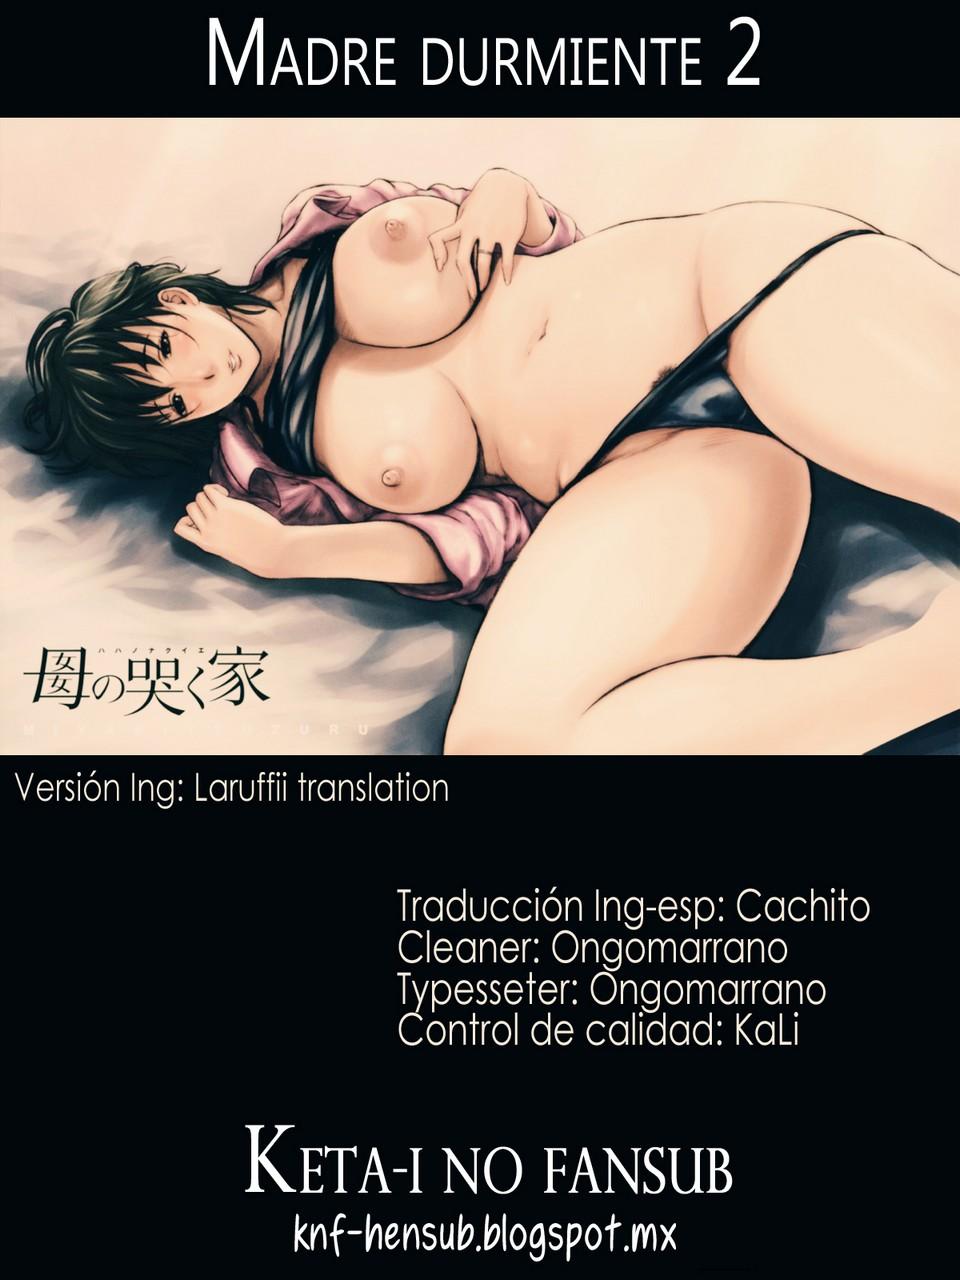 dibujos porno en español trios tetonas